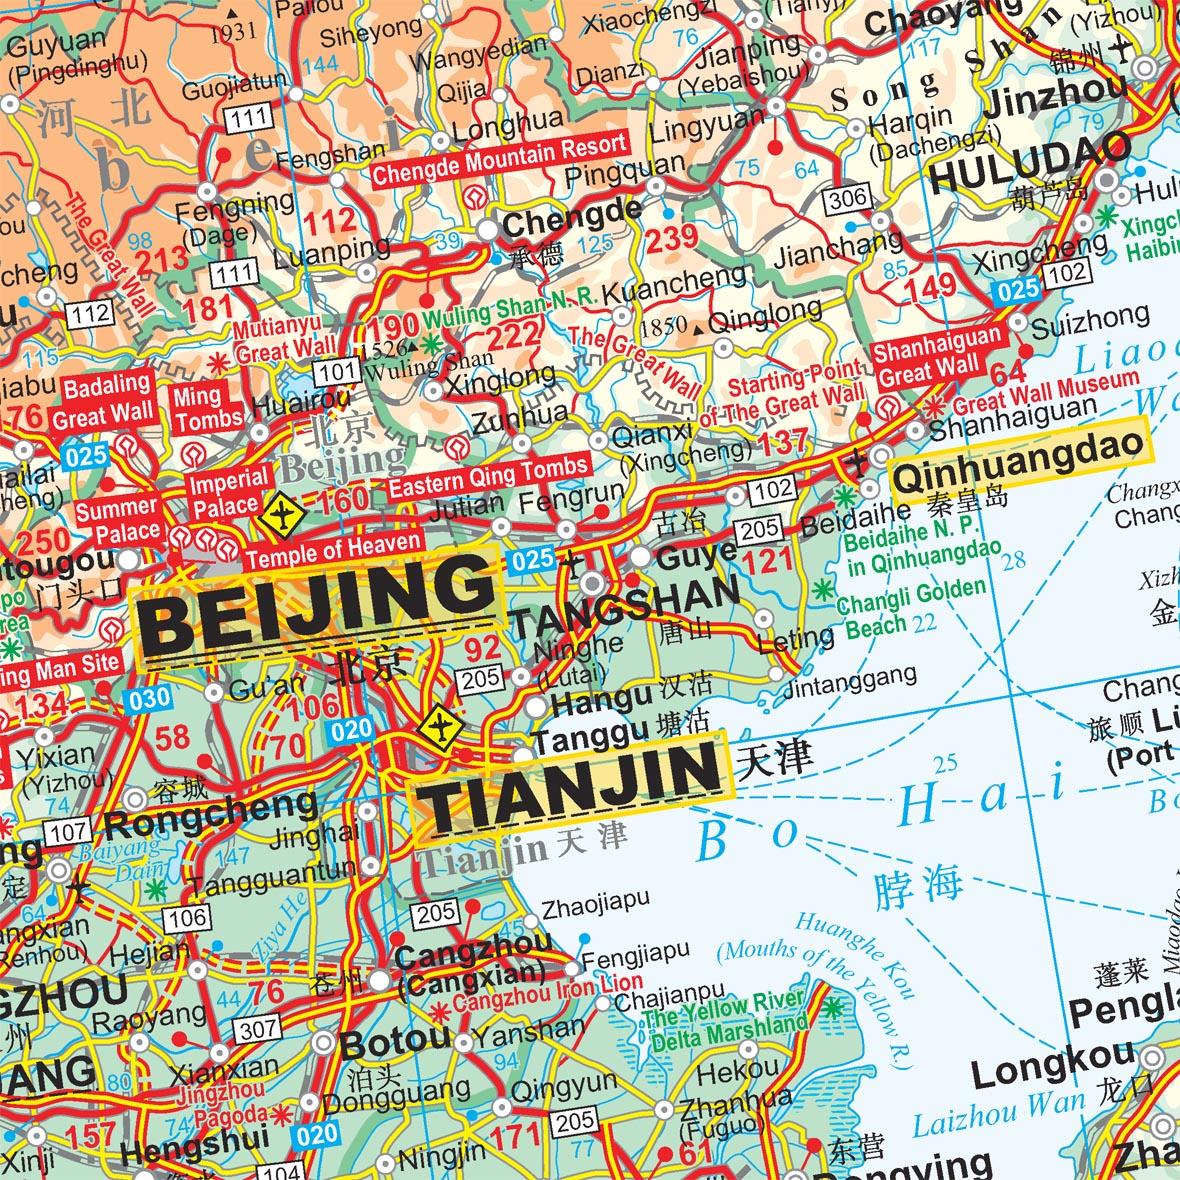 Kína földrajzi térkép: mintakivágat